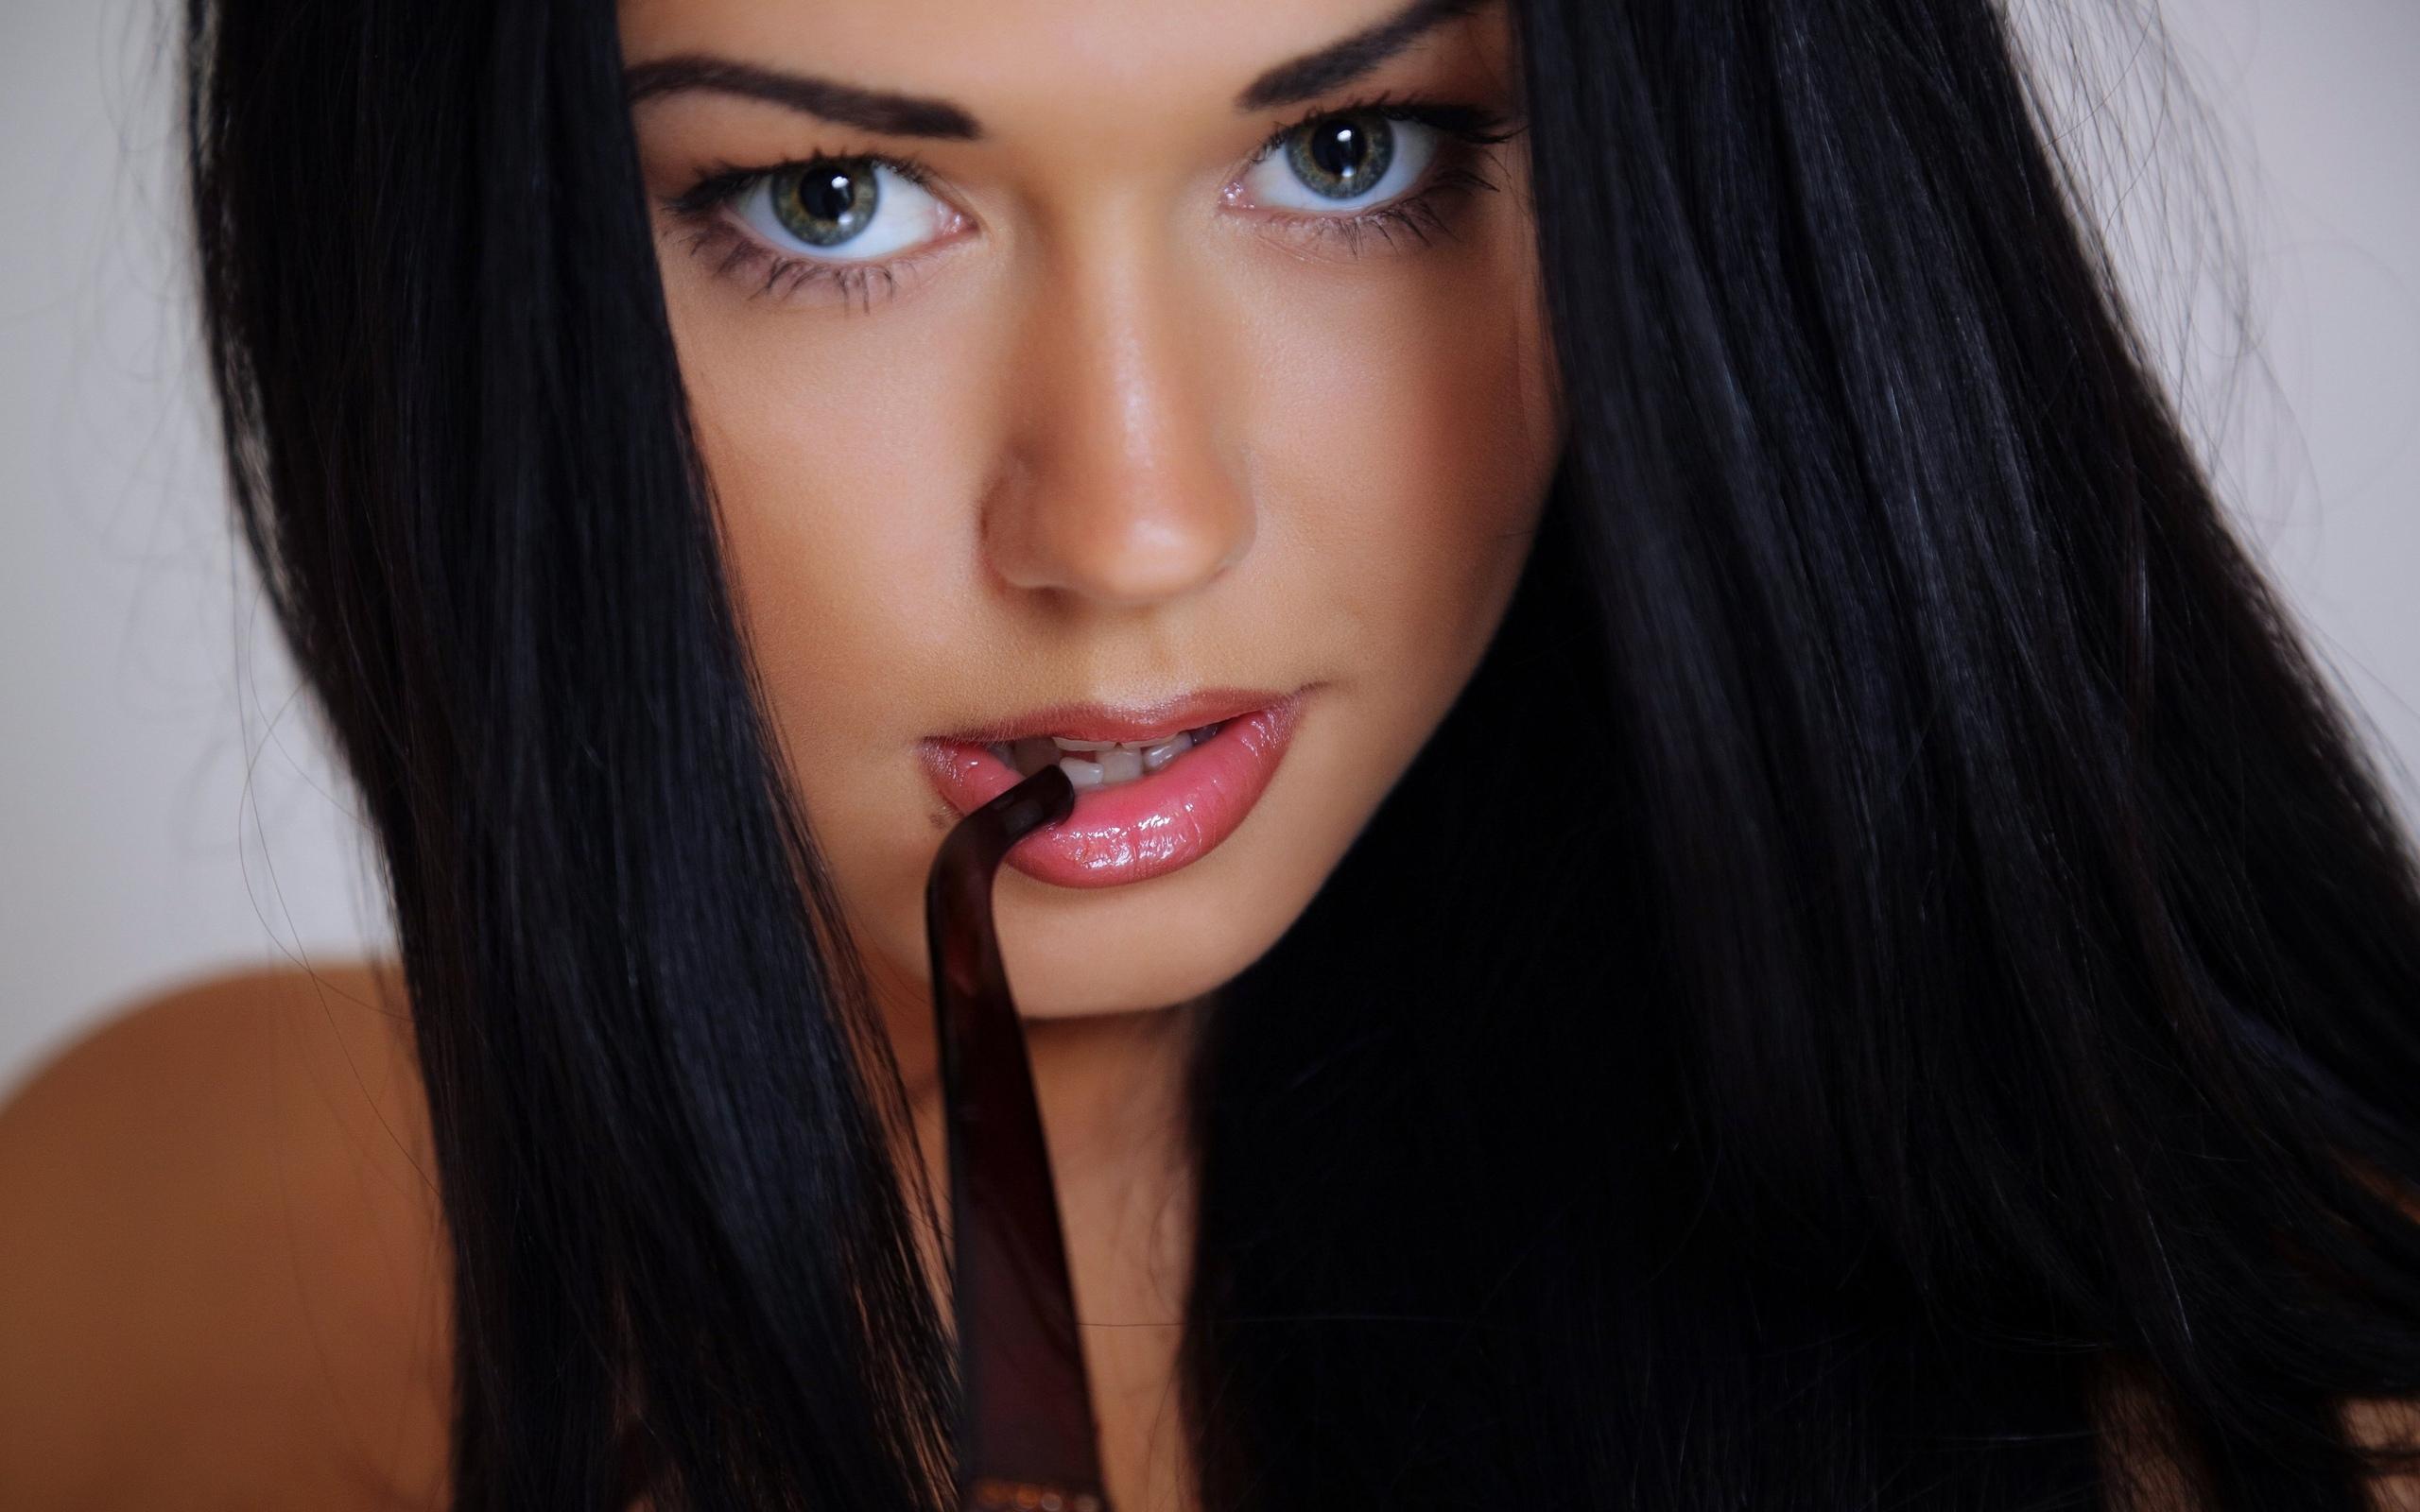 Фото одной девушки красивой и той же 11 фотография